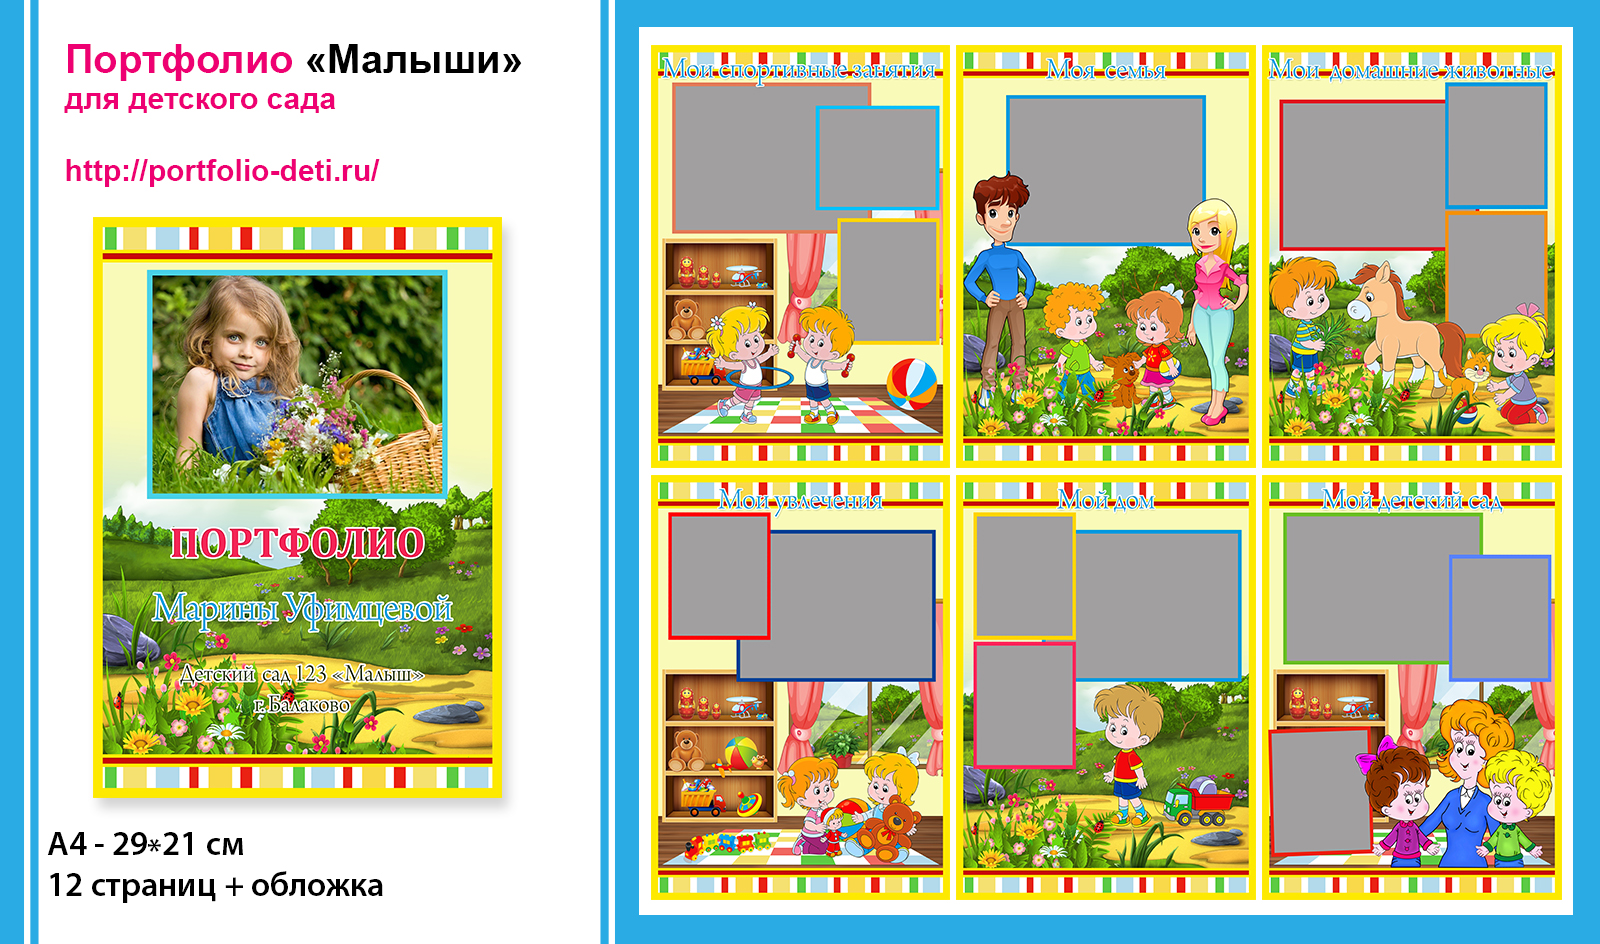 Шаблон портфолио для детского сада